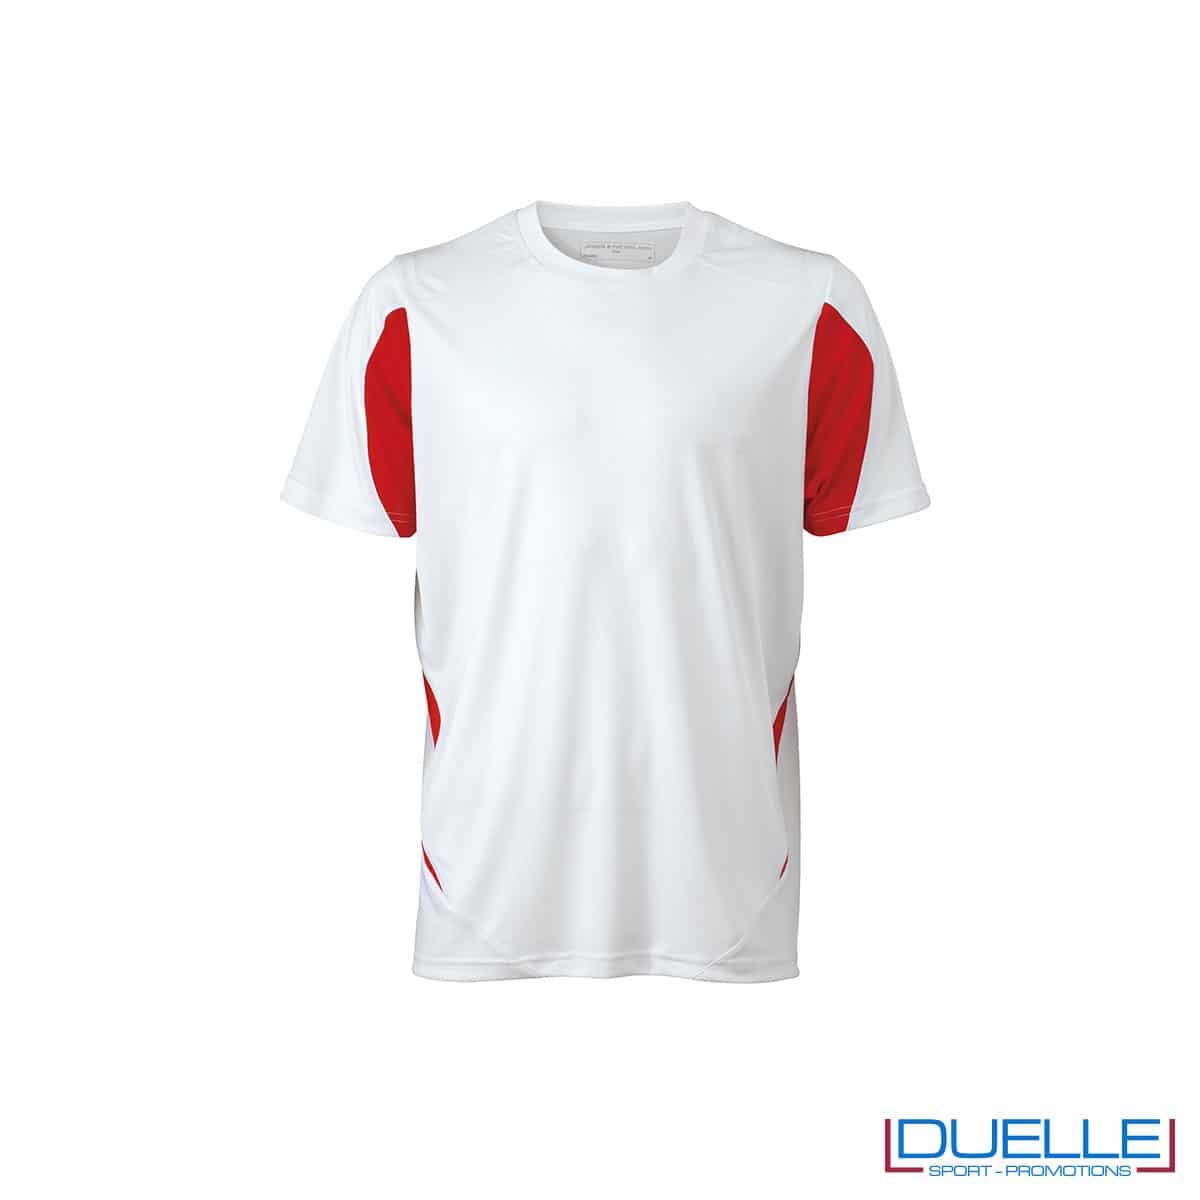 Maglia calcio colore bianco-rossa promozionale